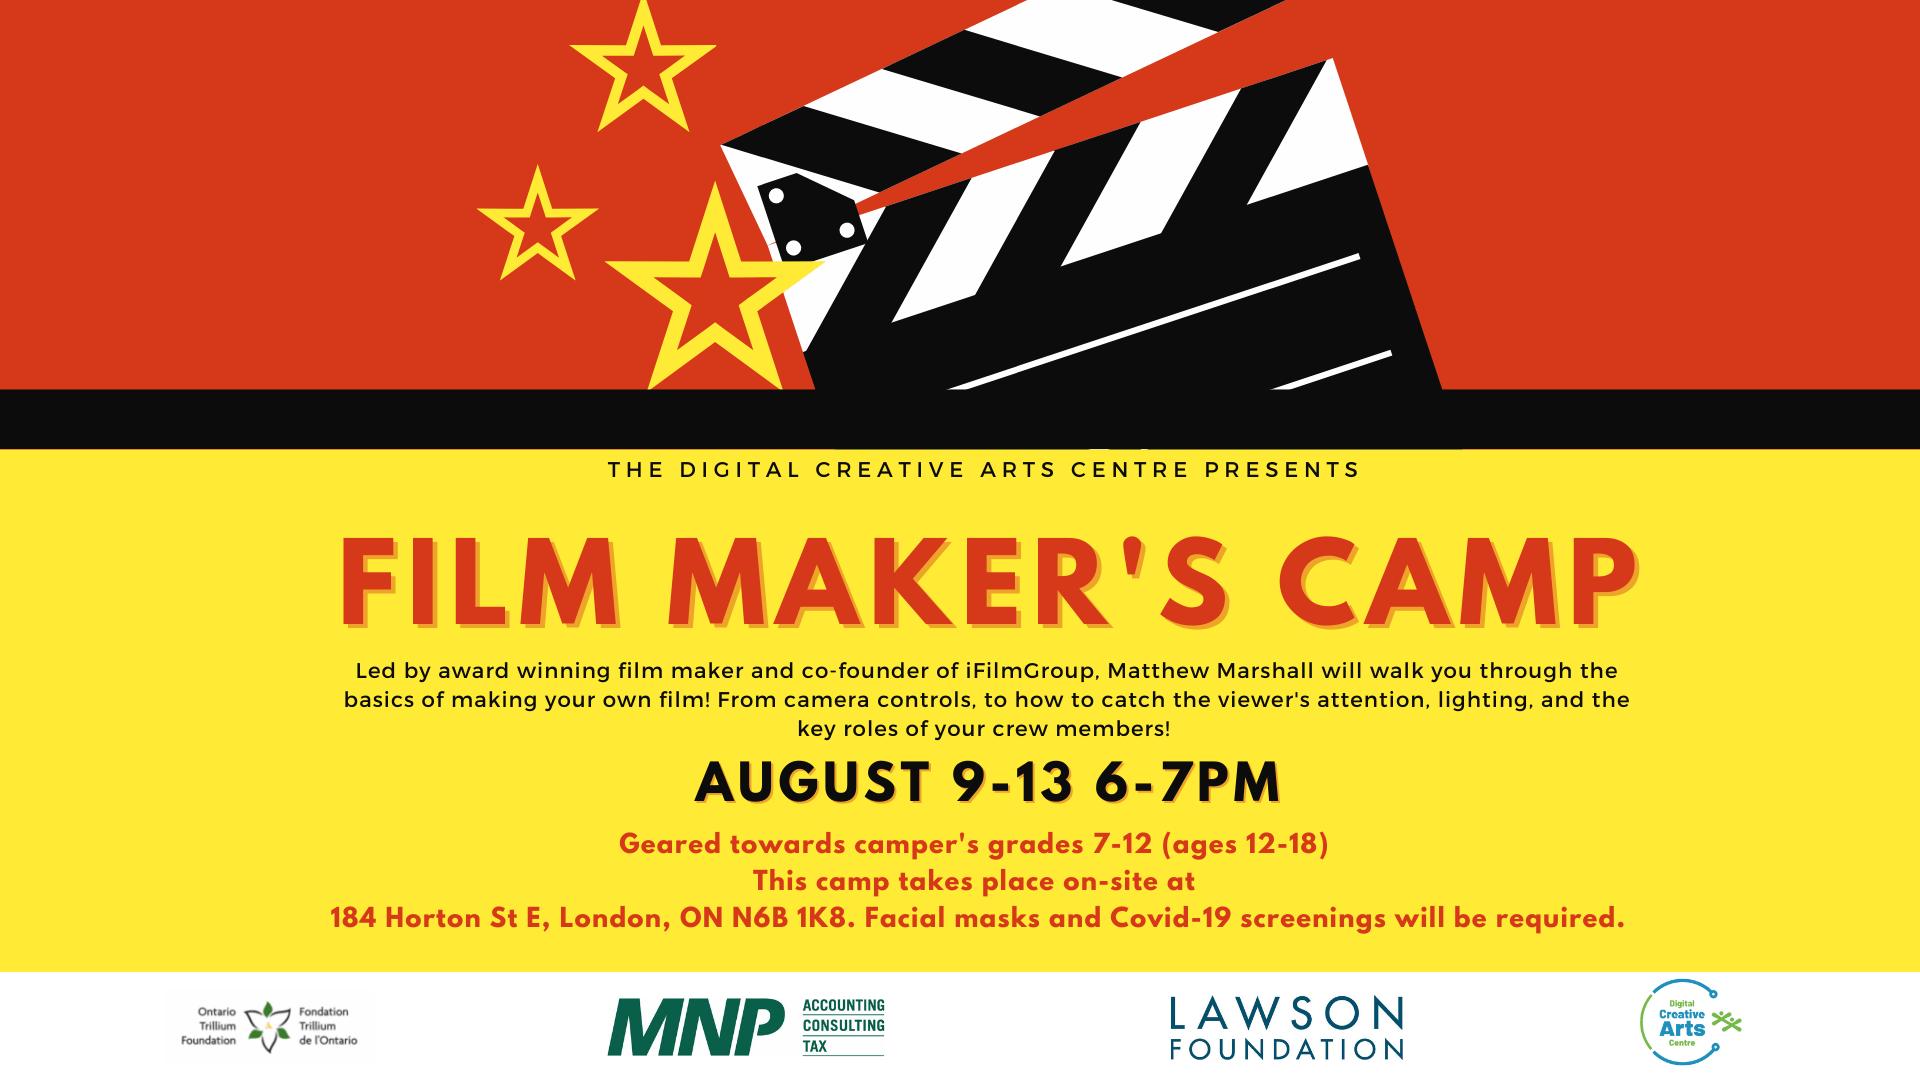 Film Maker's Camp